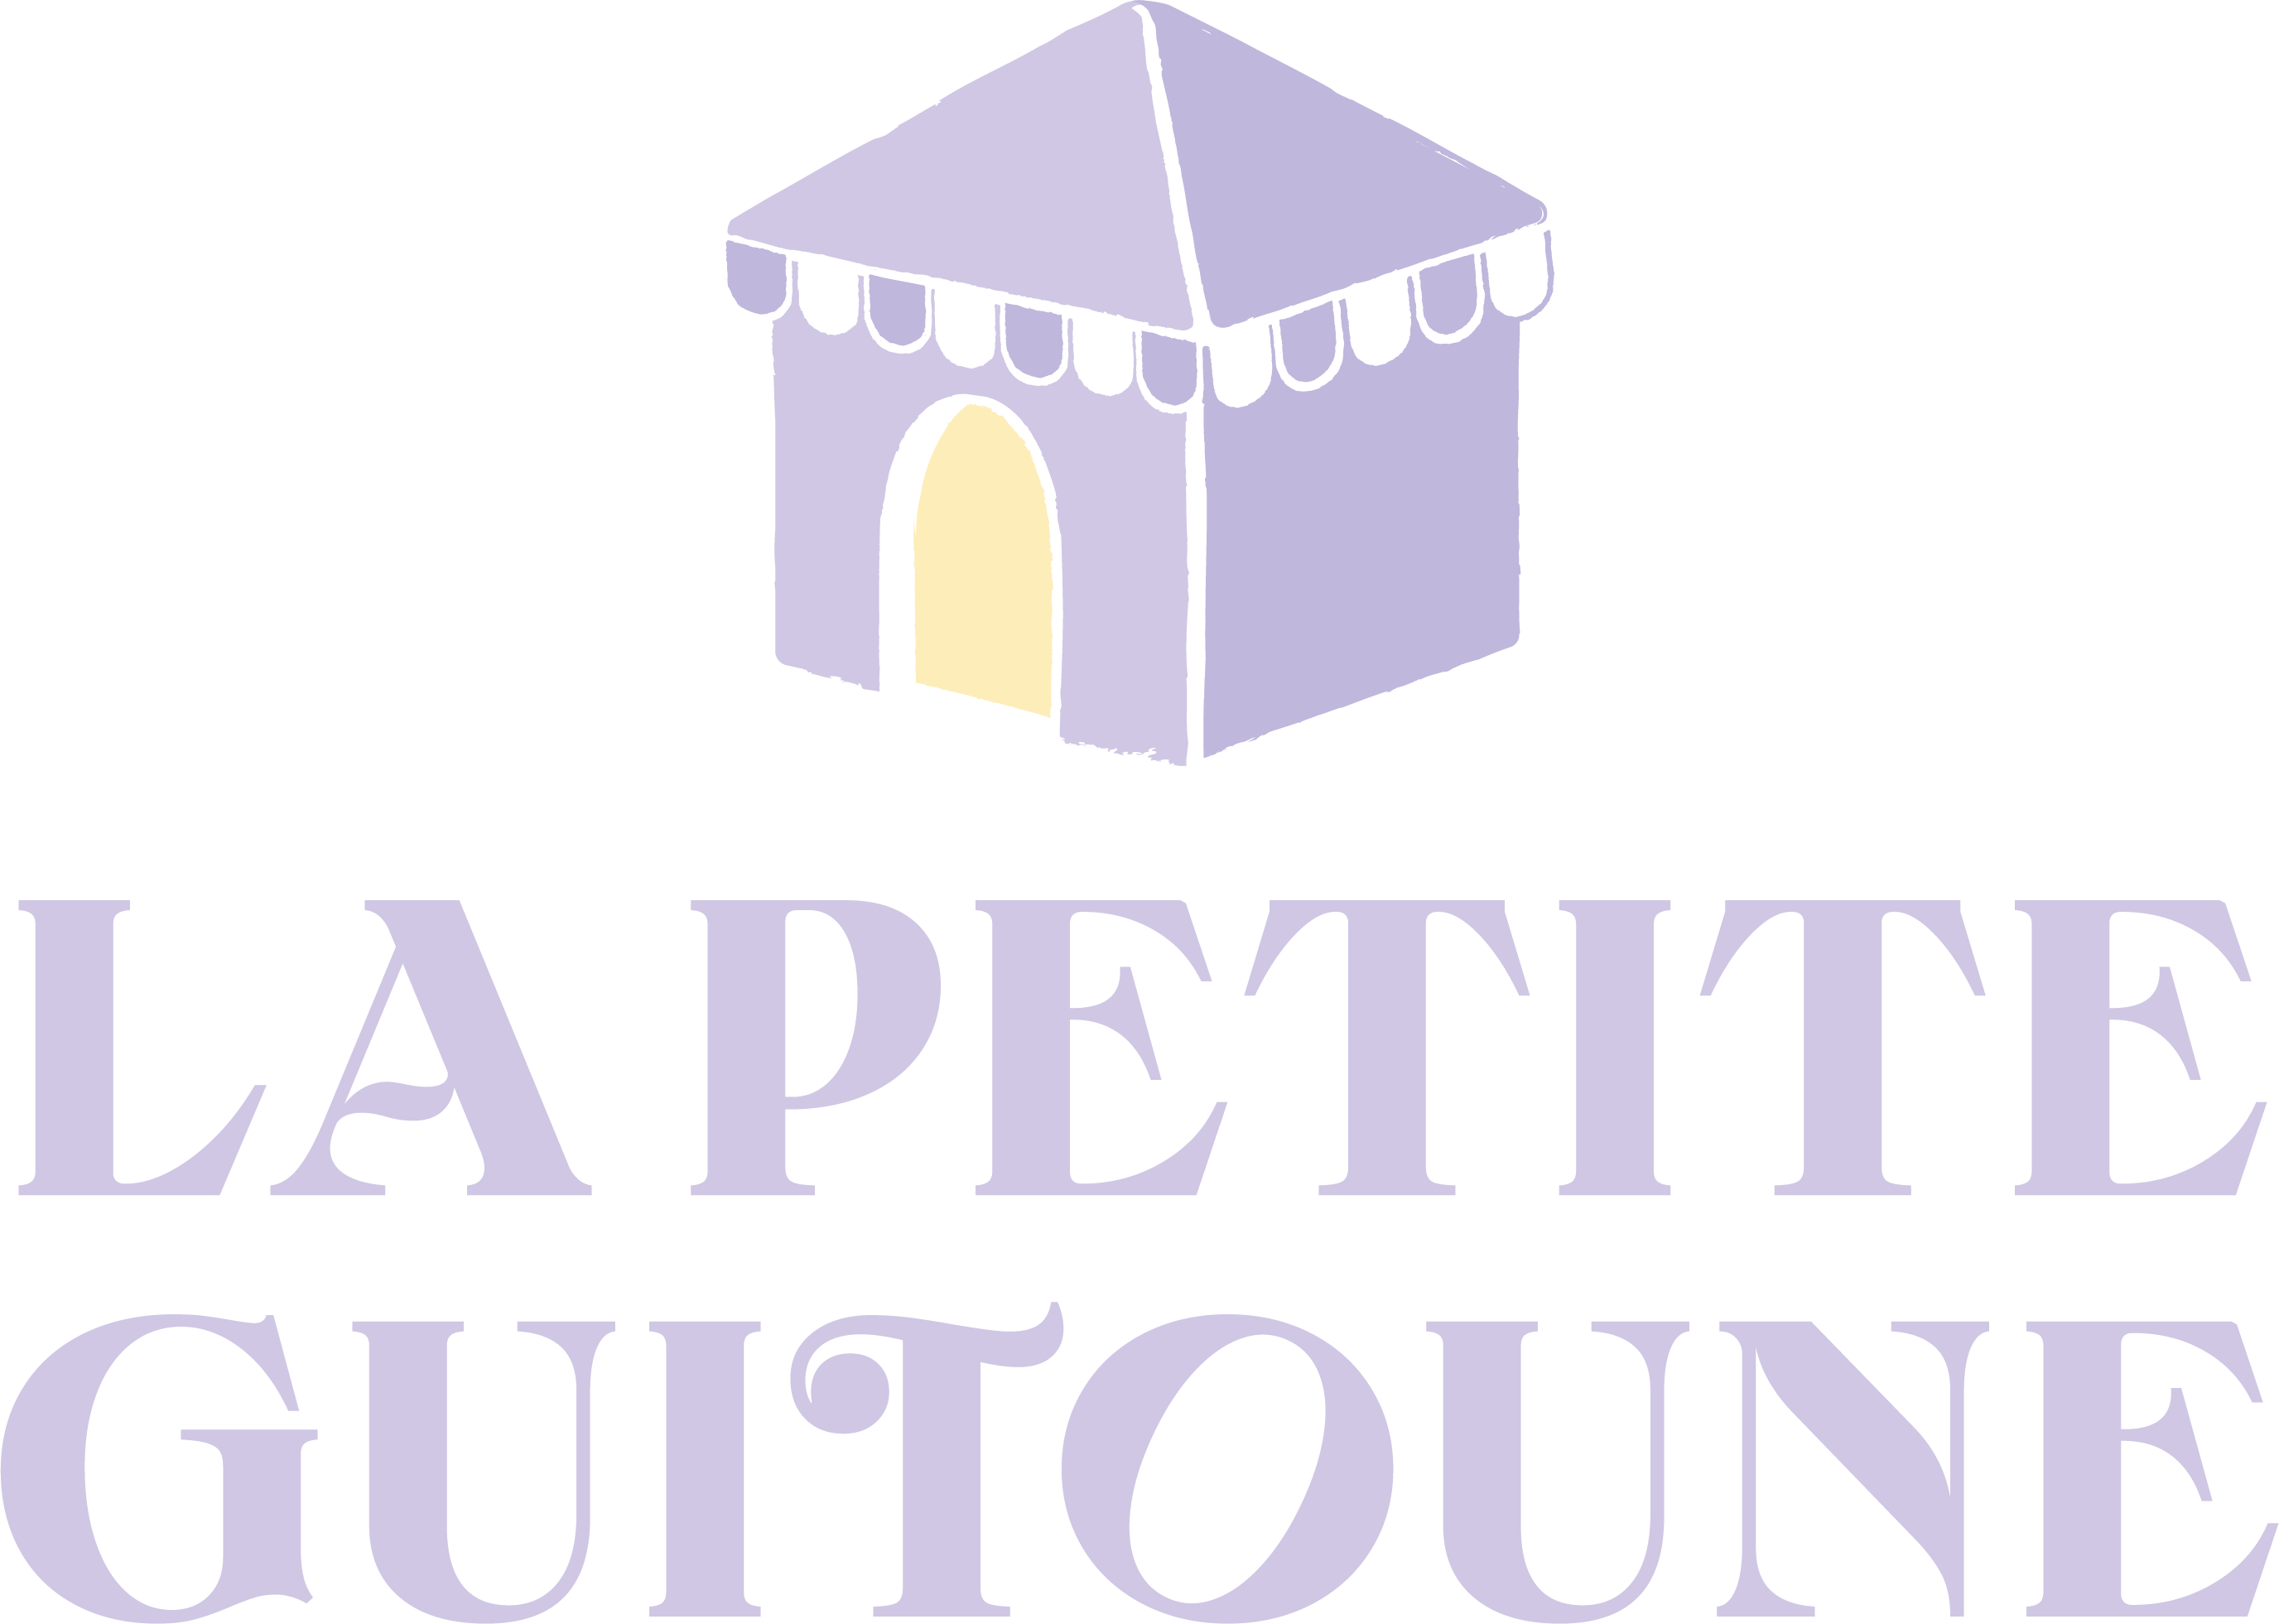 LaPetiteGuitoune